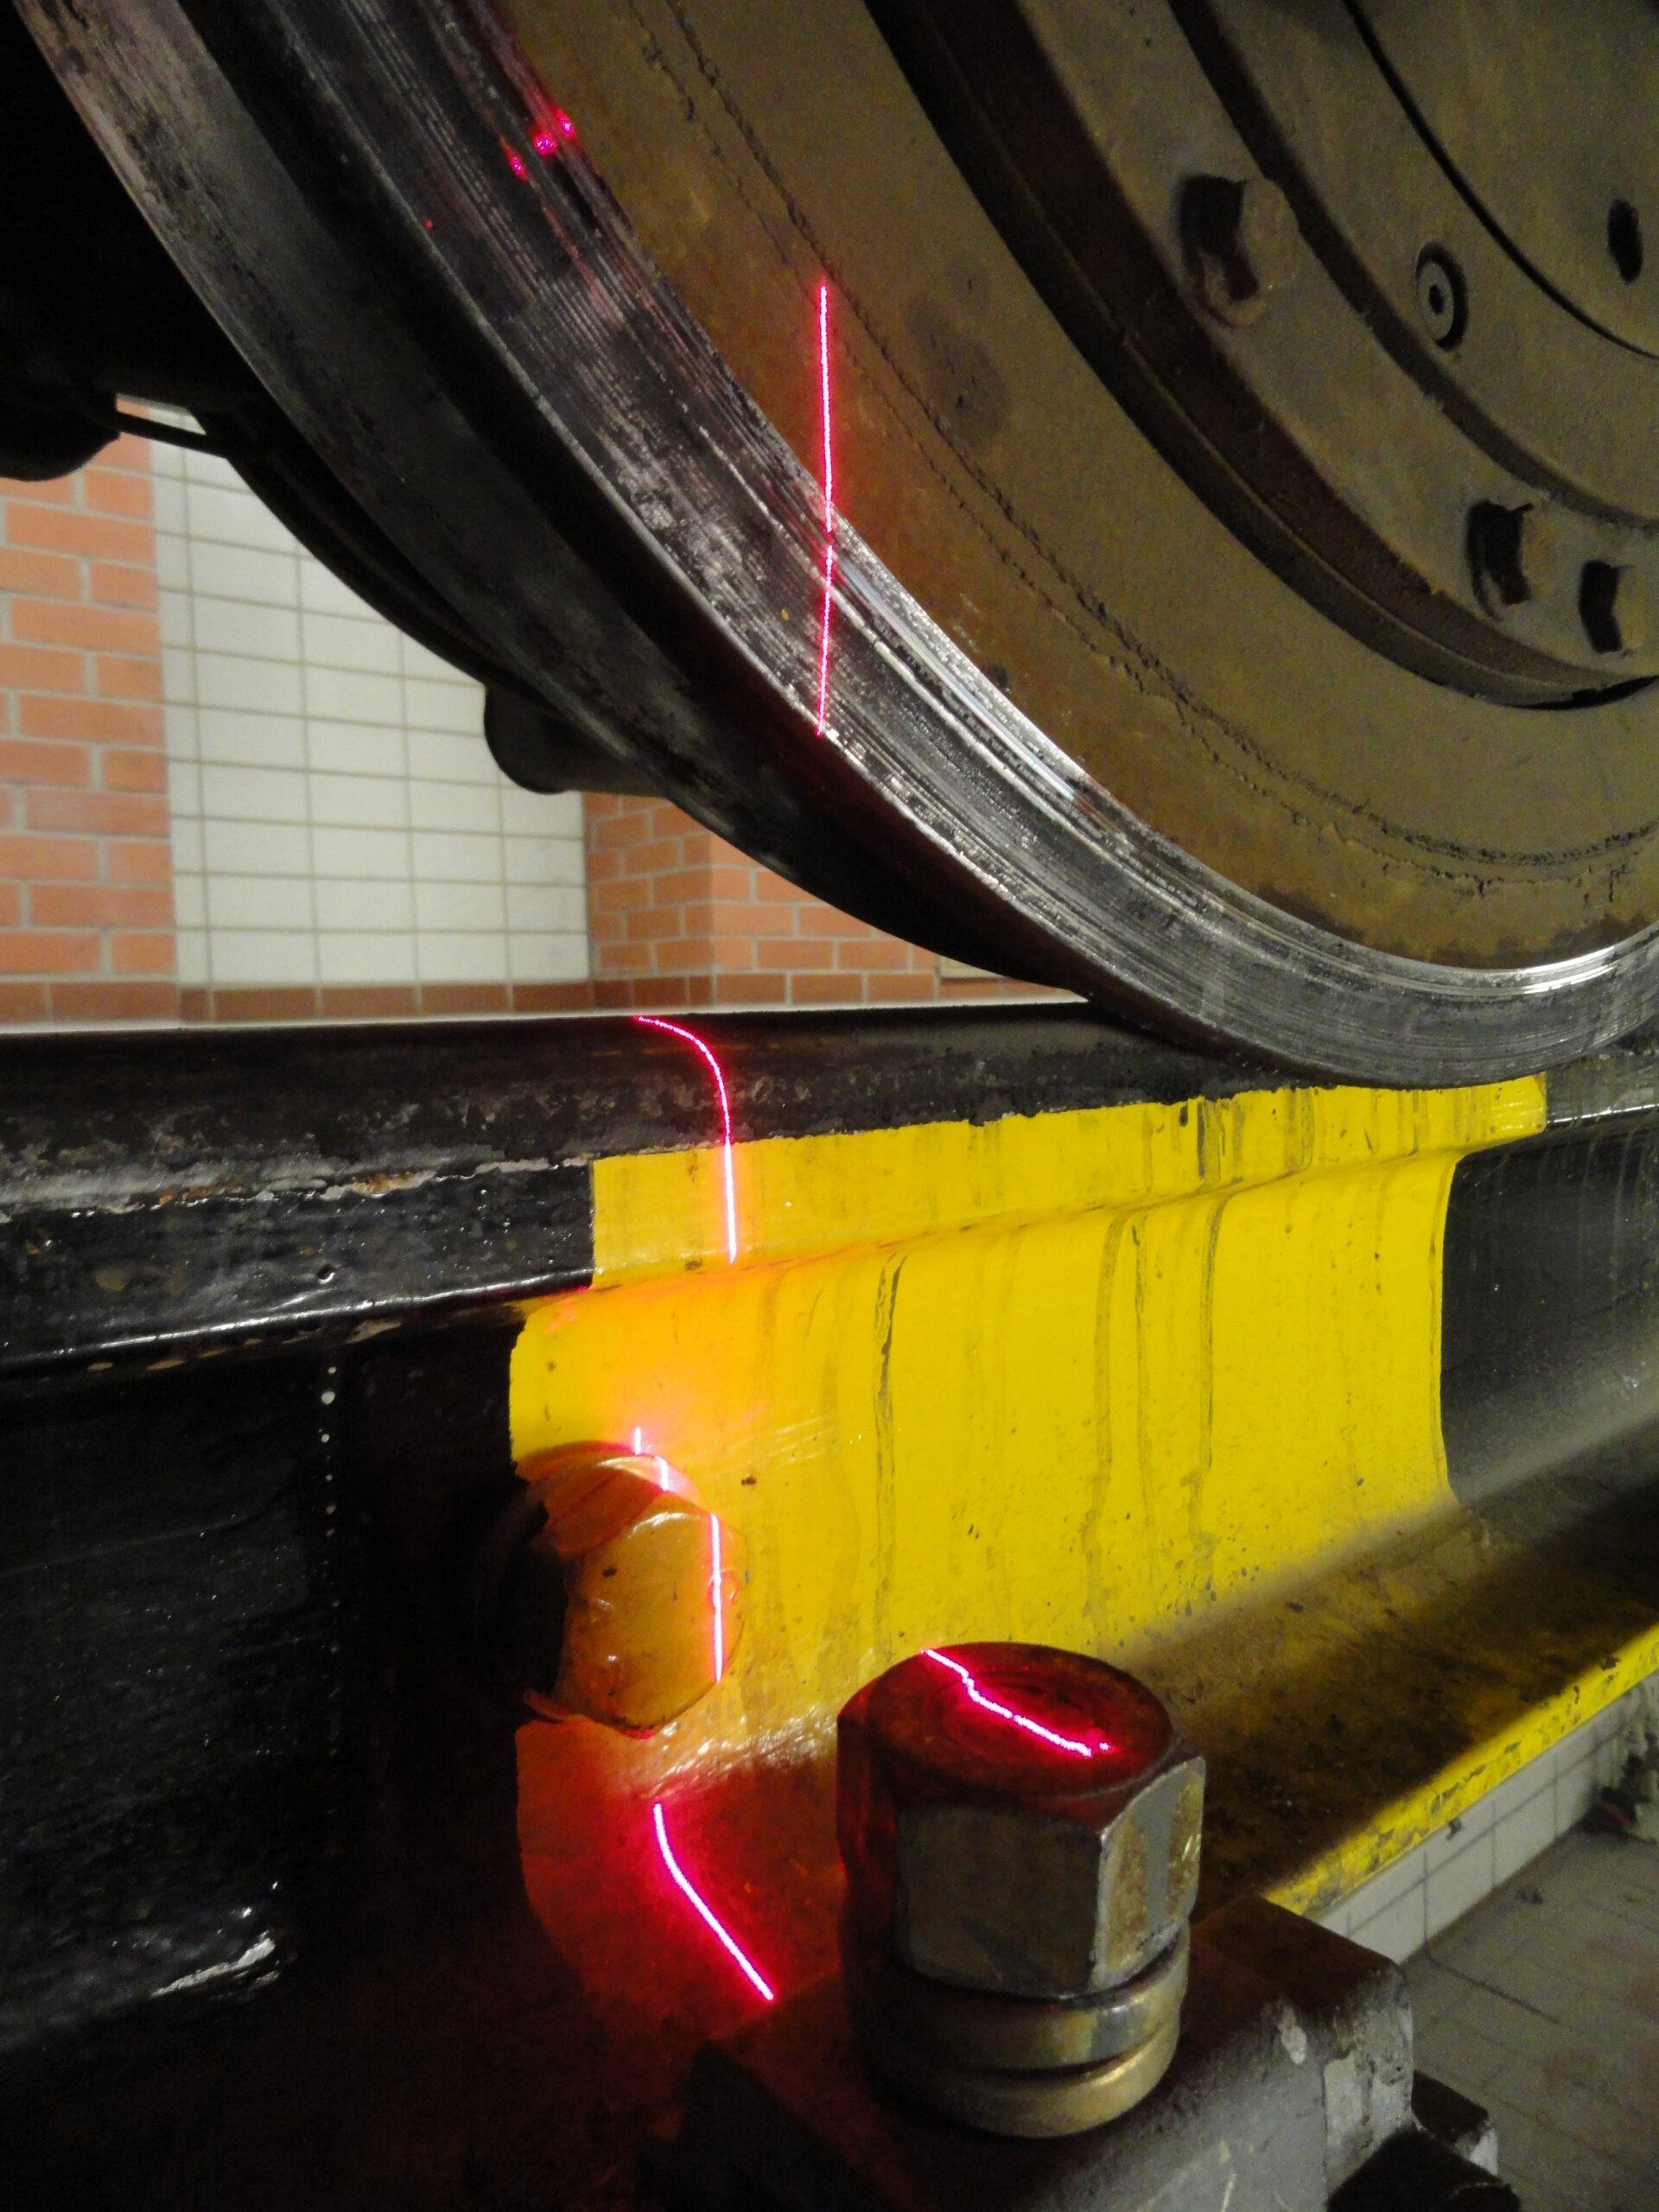 Deutzer Technische Kohle Rail Track Alignment